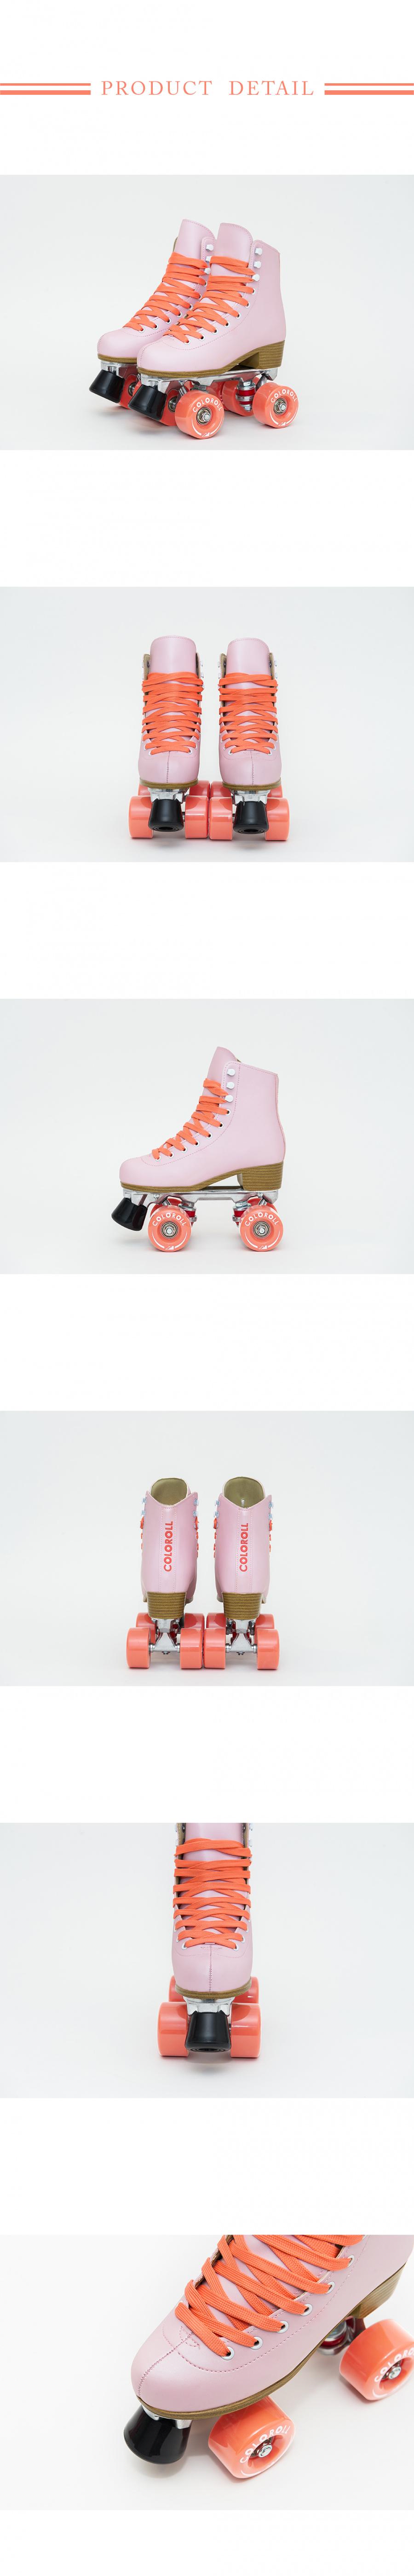 컬러롤(COLOROLL) 롤러스케이트 언더씨 코랄(핑크)